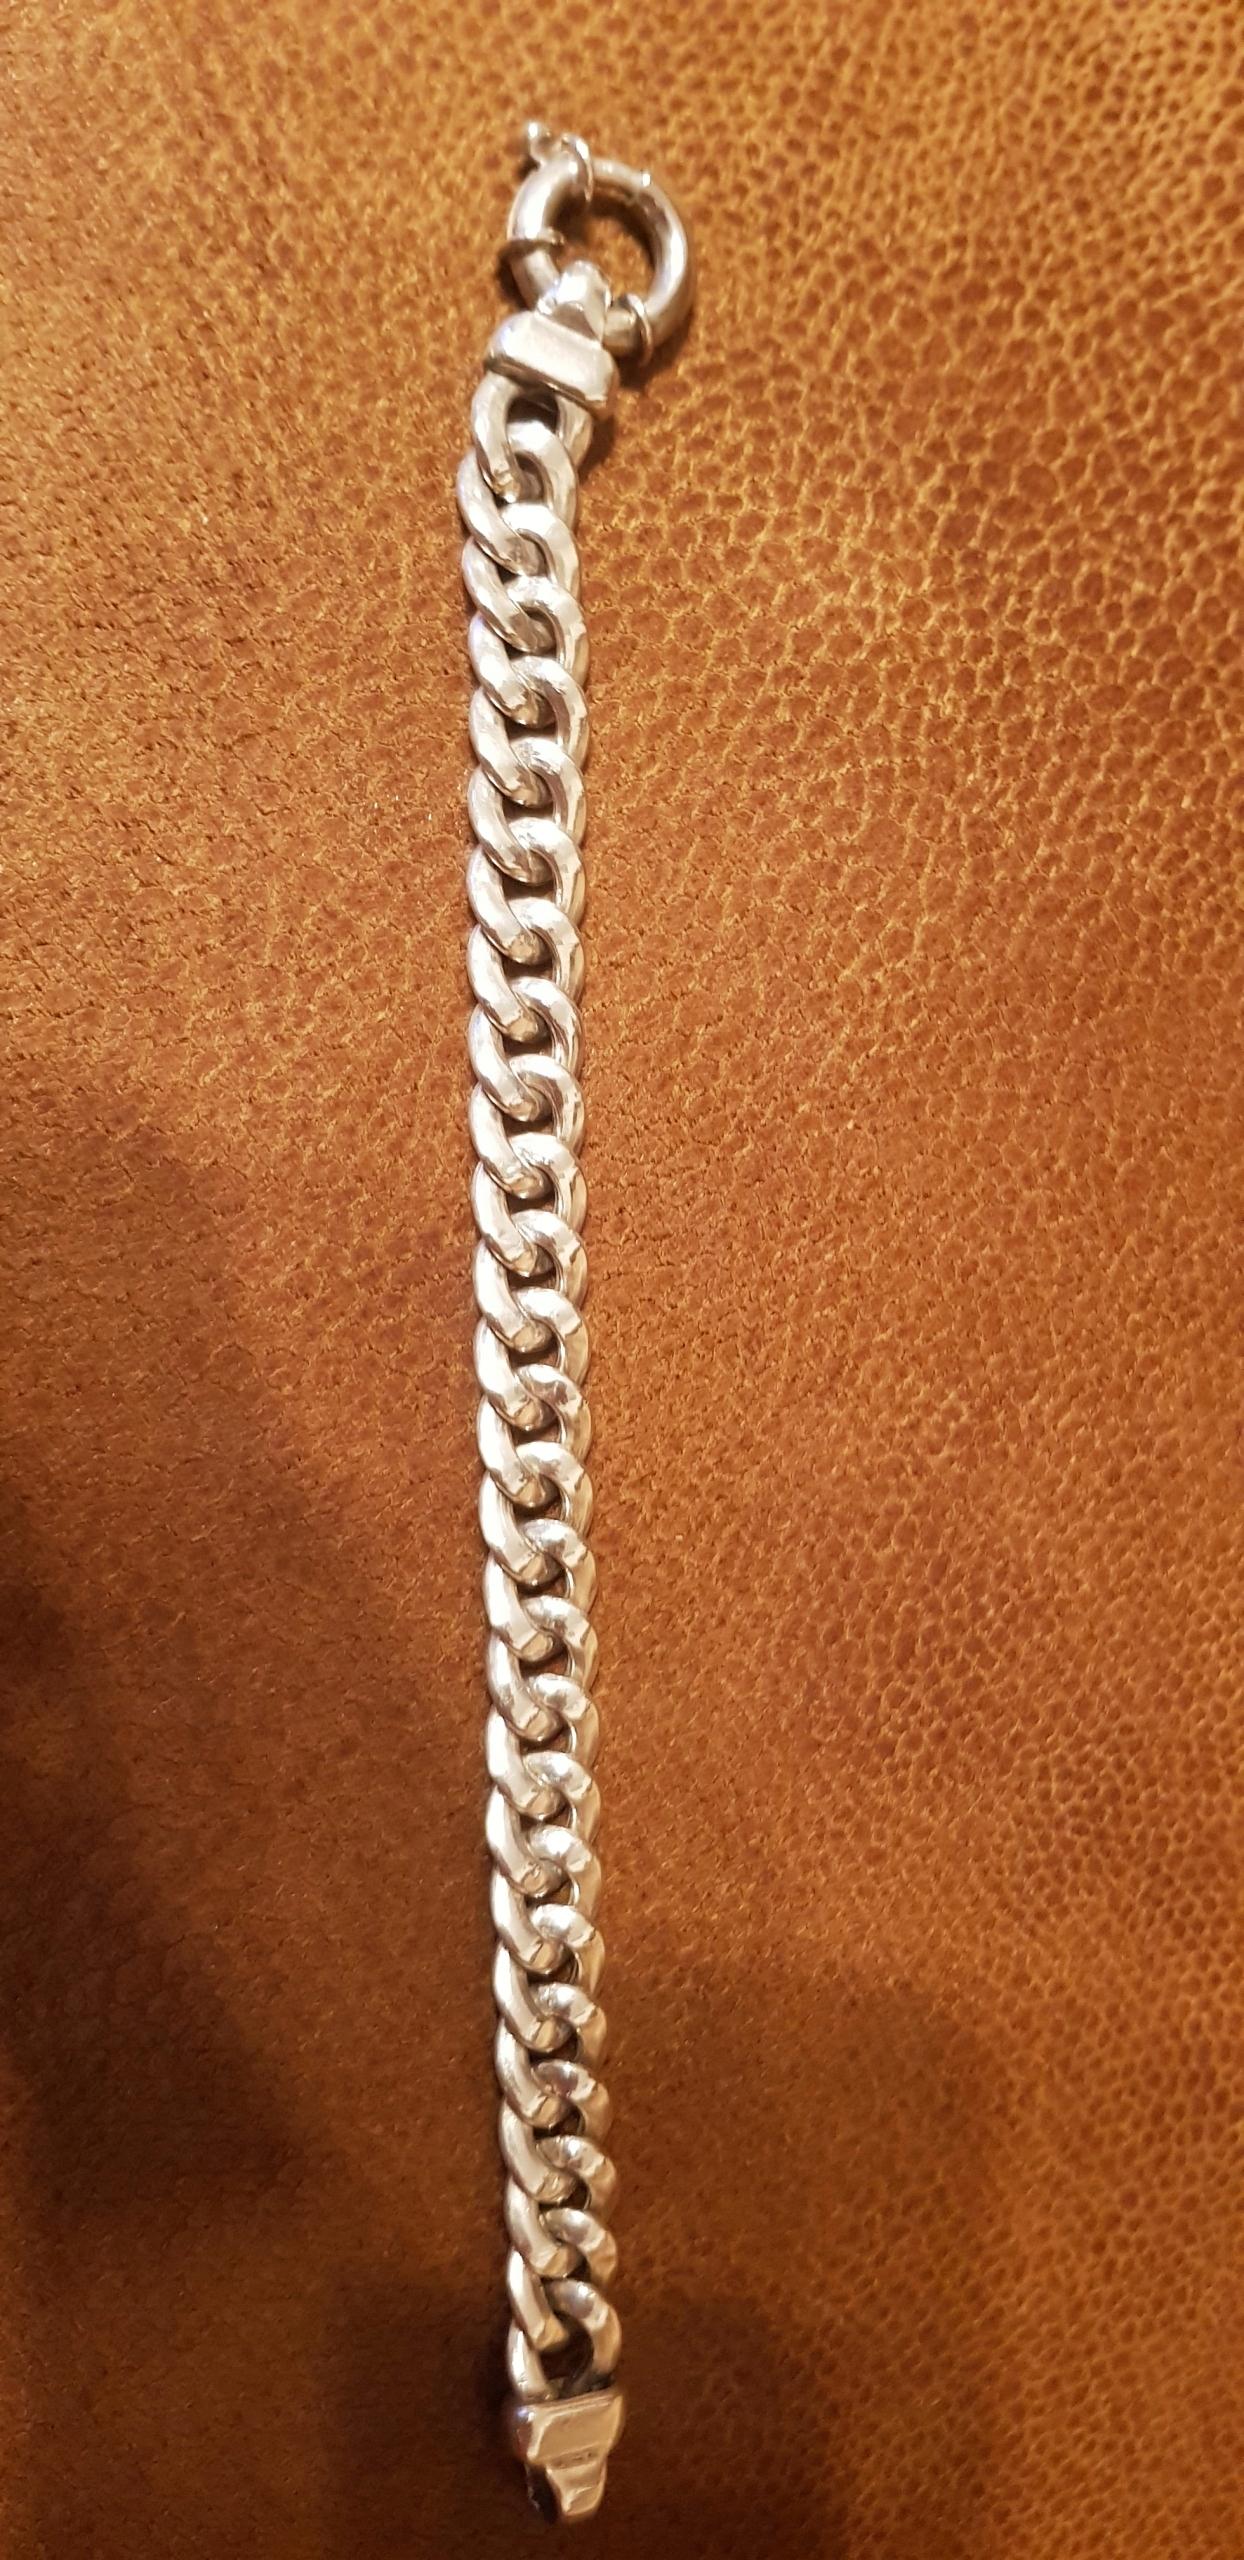 Bransoletka srebrna długość 21 cm próba 925